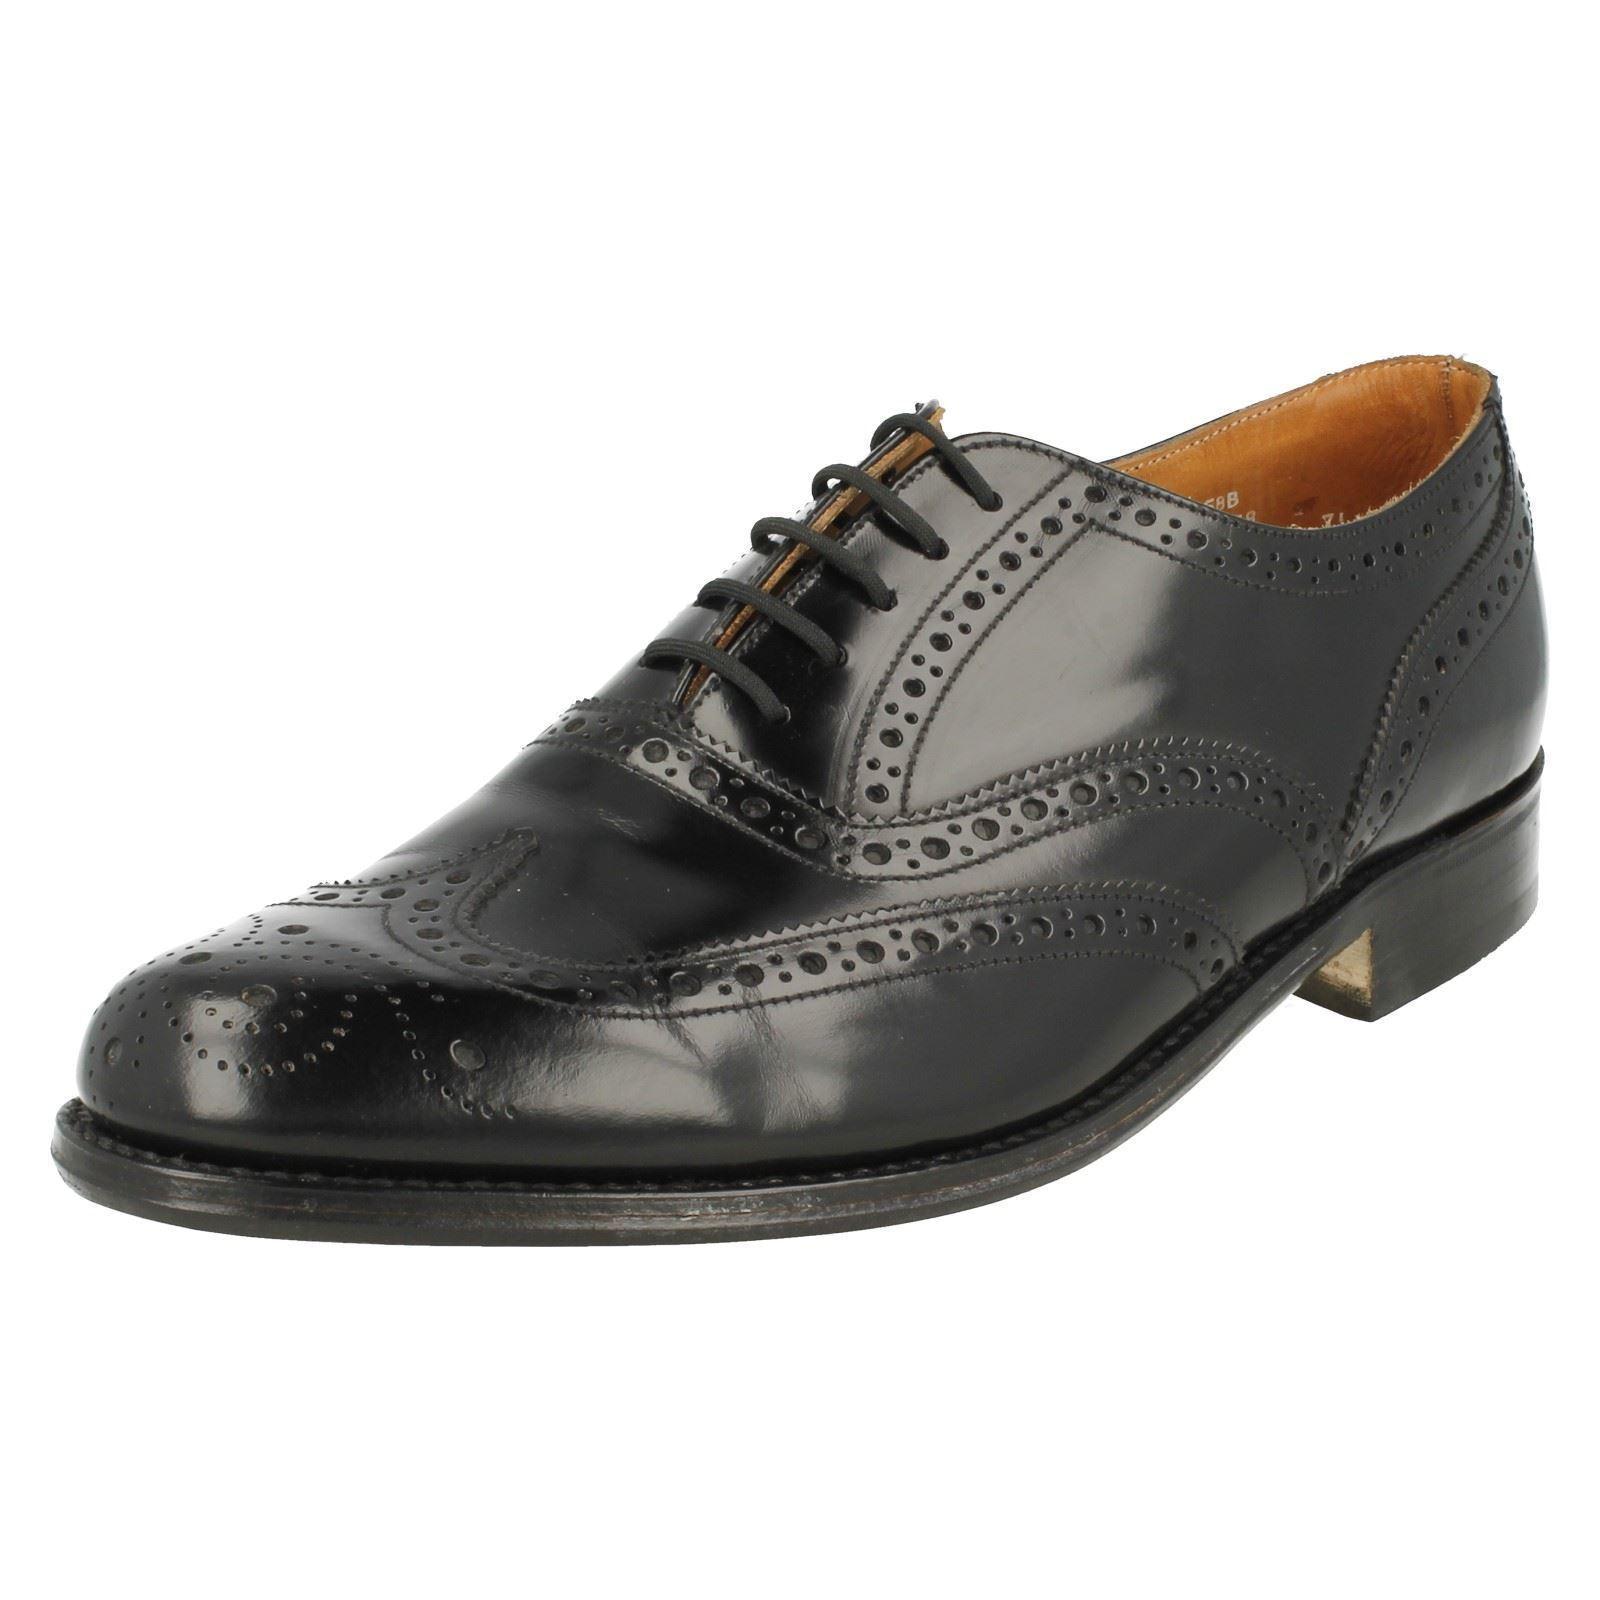 Loake'758B 'Mens nero  Leather Classic Brogue scarpe  risparmia fino al 30-50% di sconto